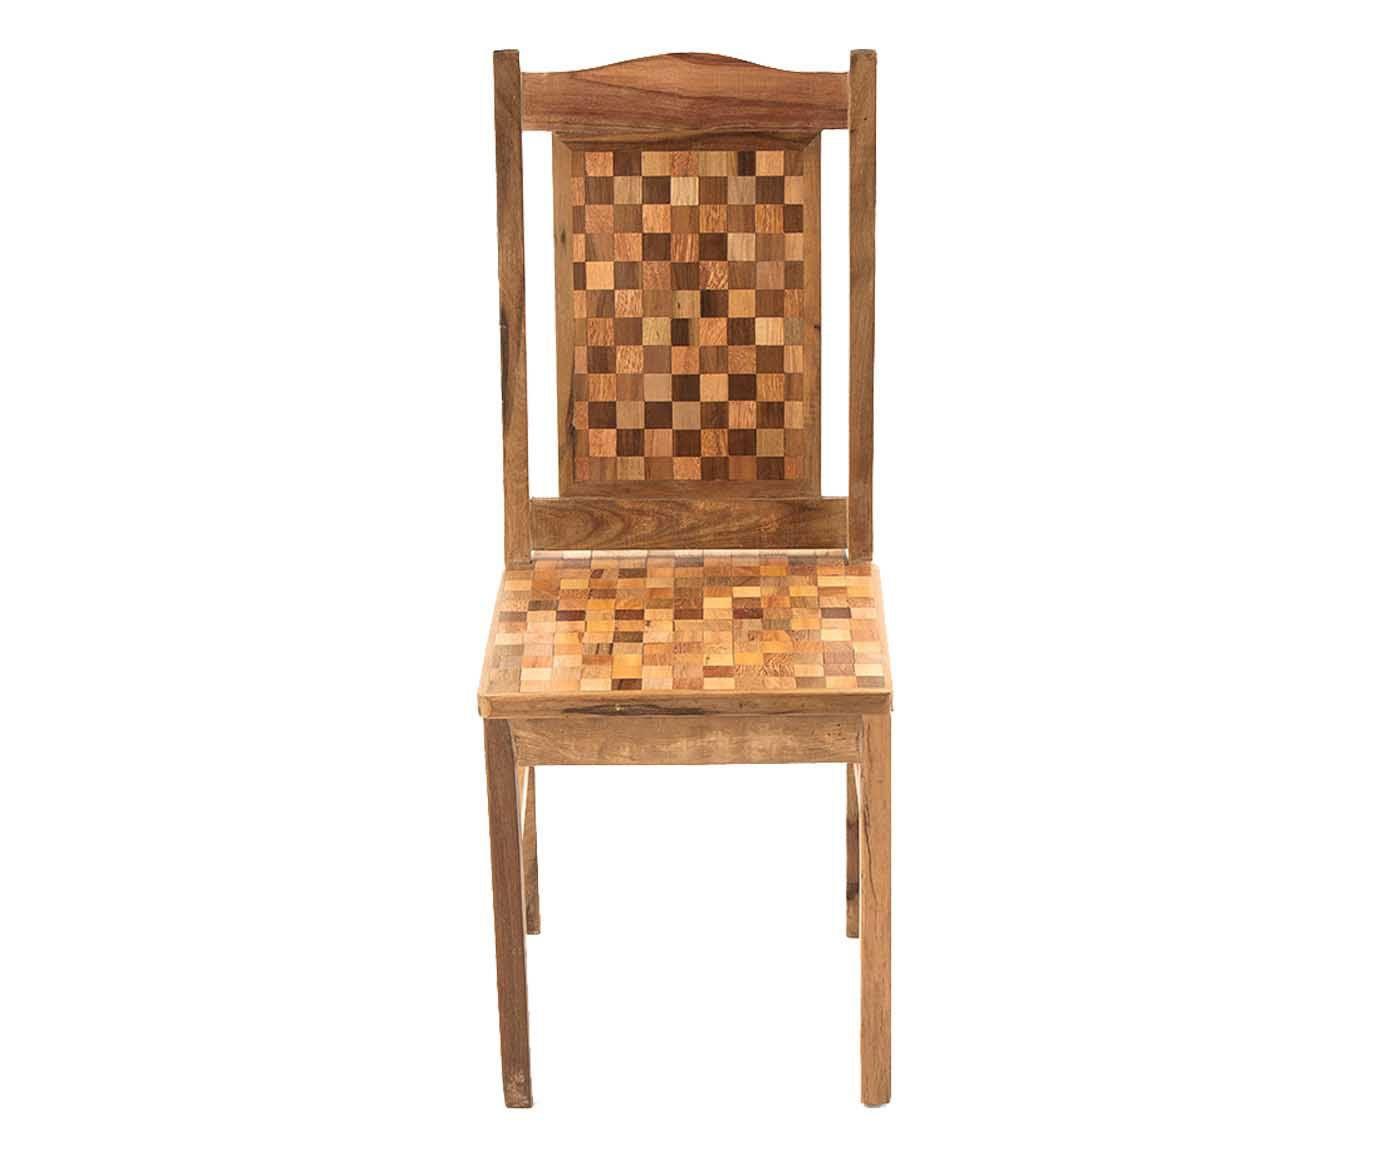 Cadeira maia | Westwing.com.br